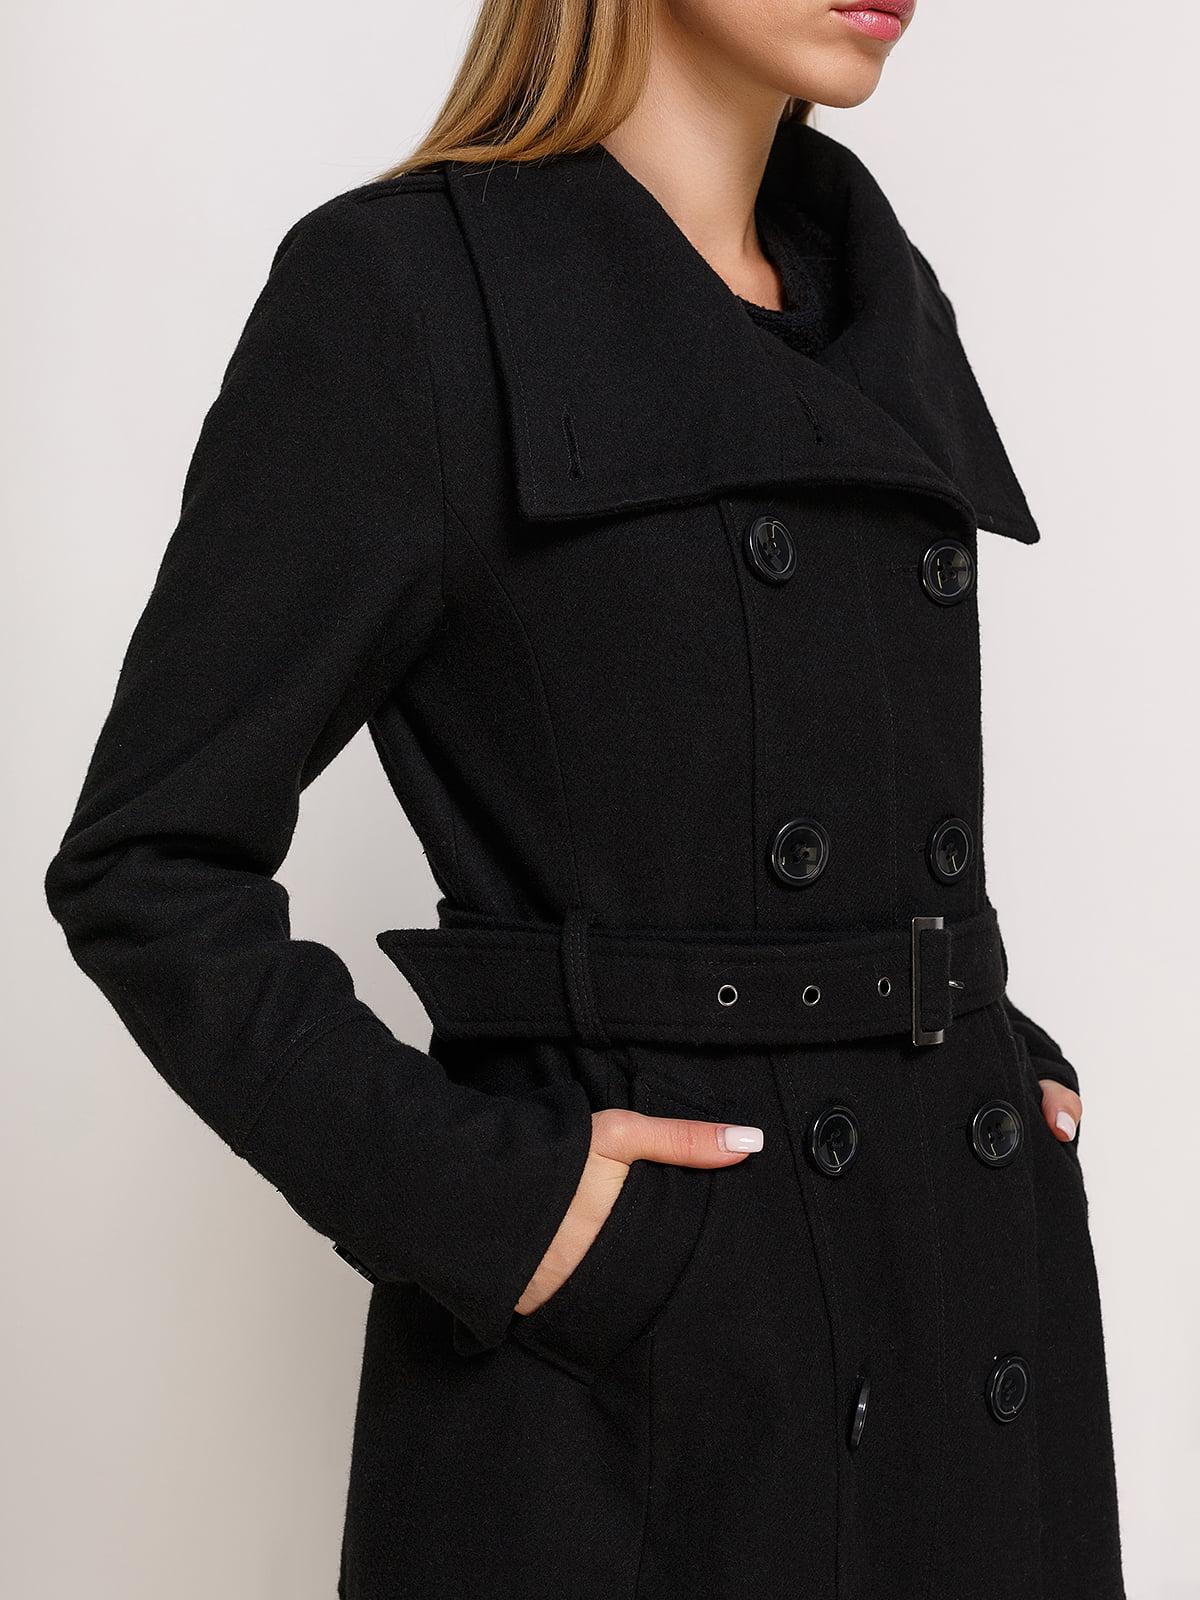 Пальто черное | 3167005 | фото 4